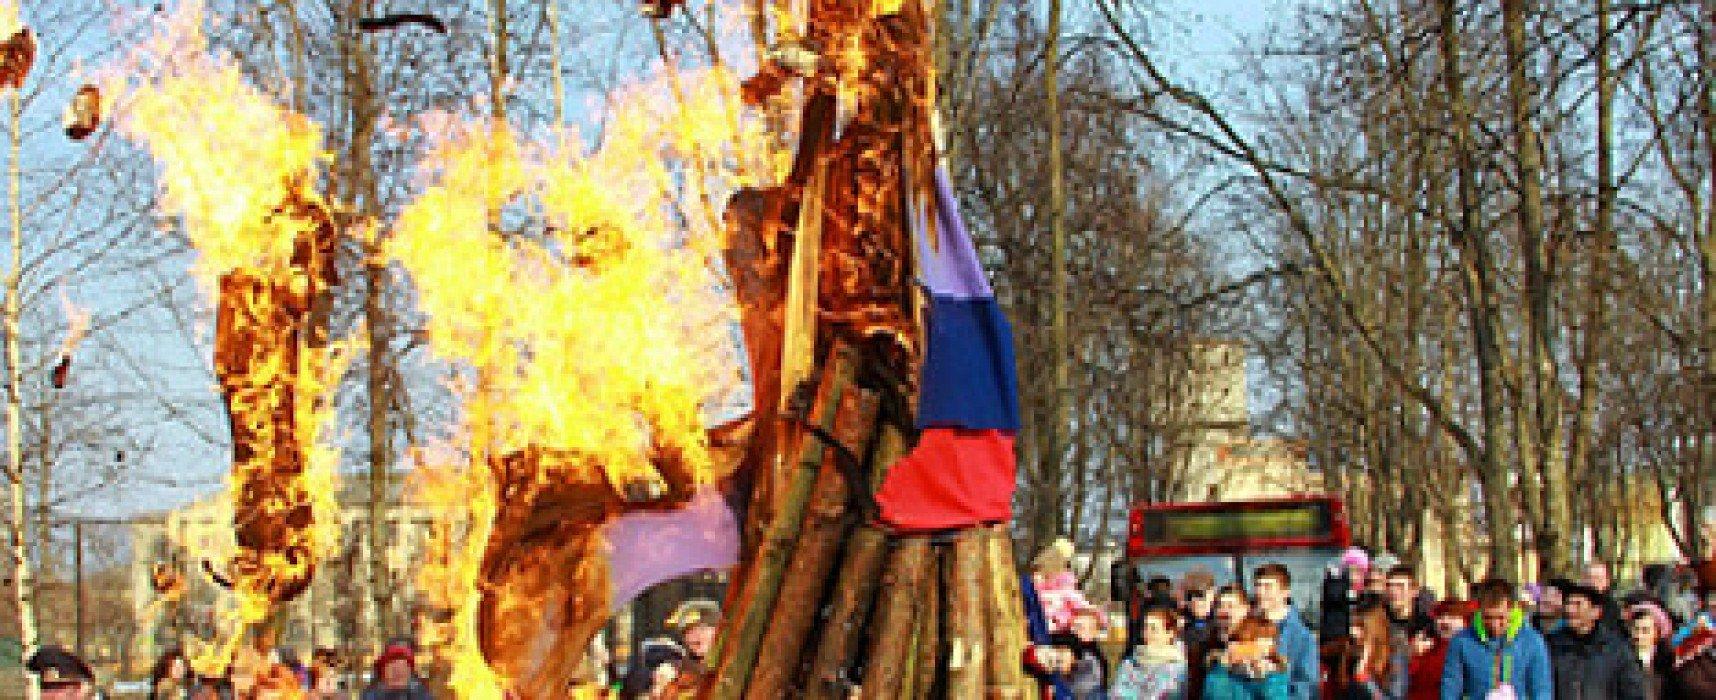 Фейк: В Беларуси на Масленицу сожгли флаг России